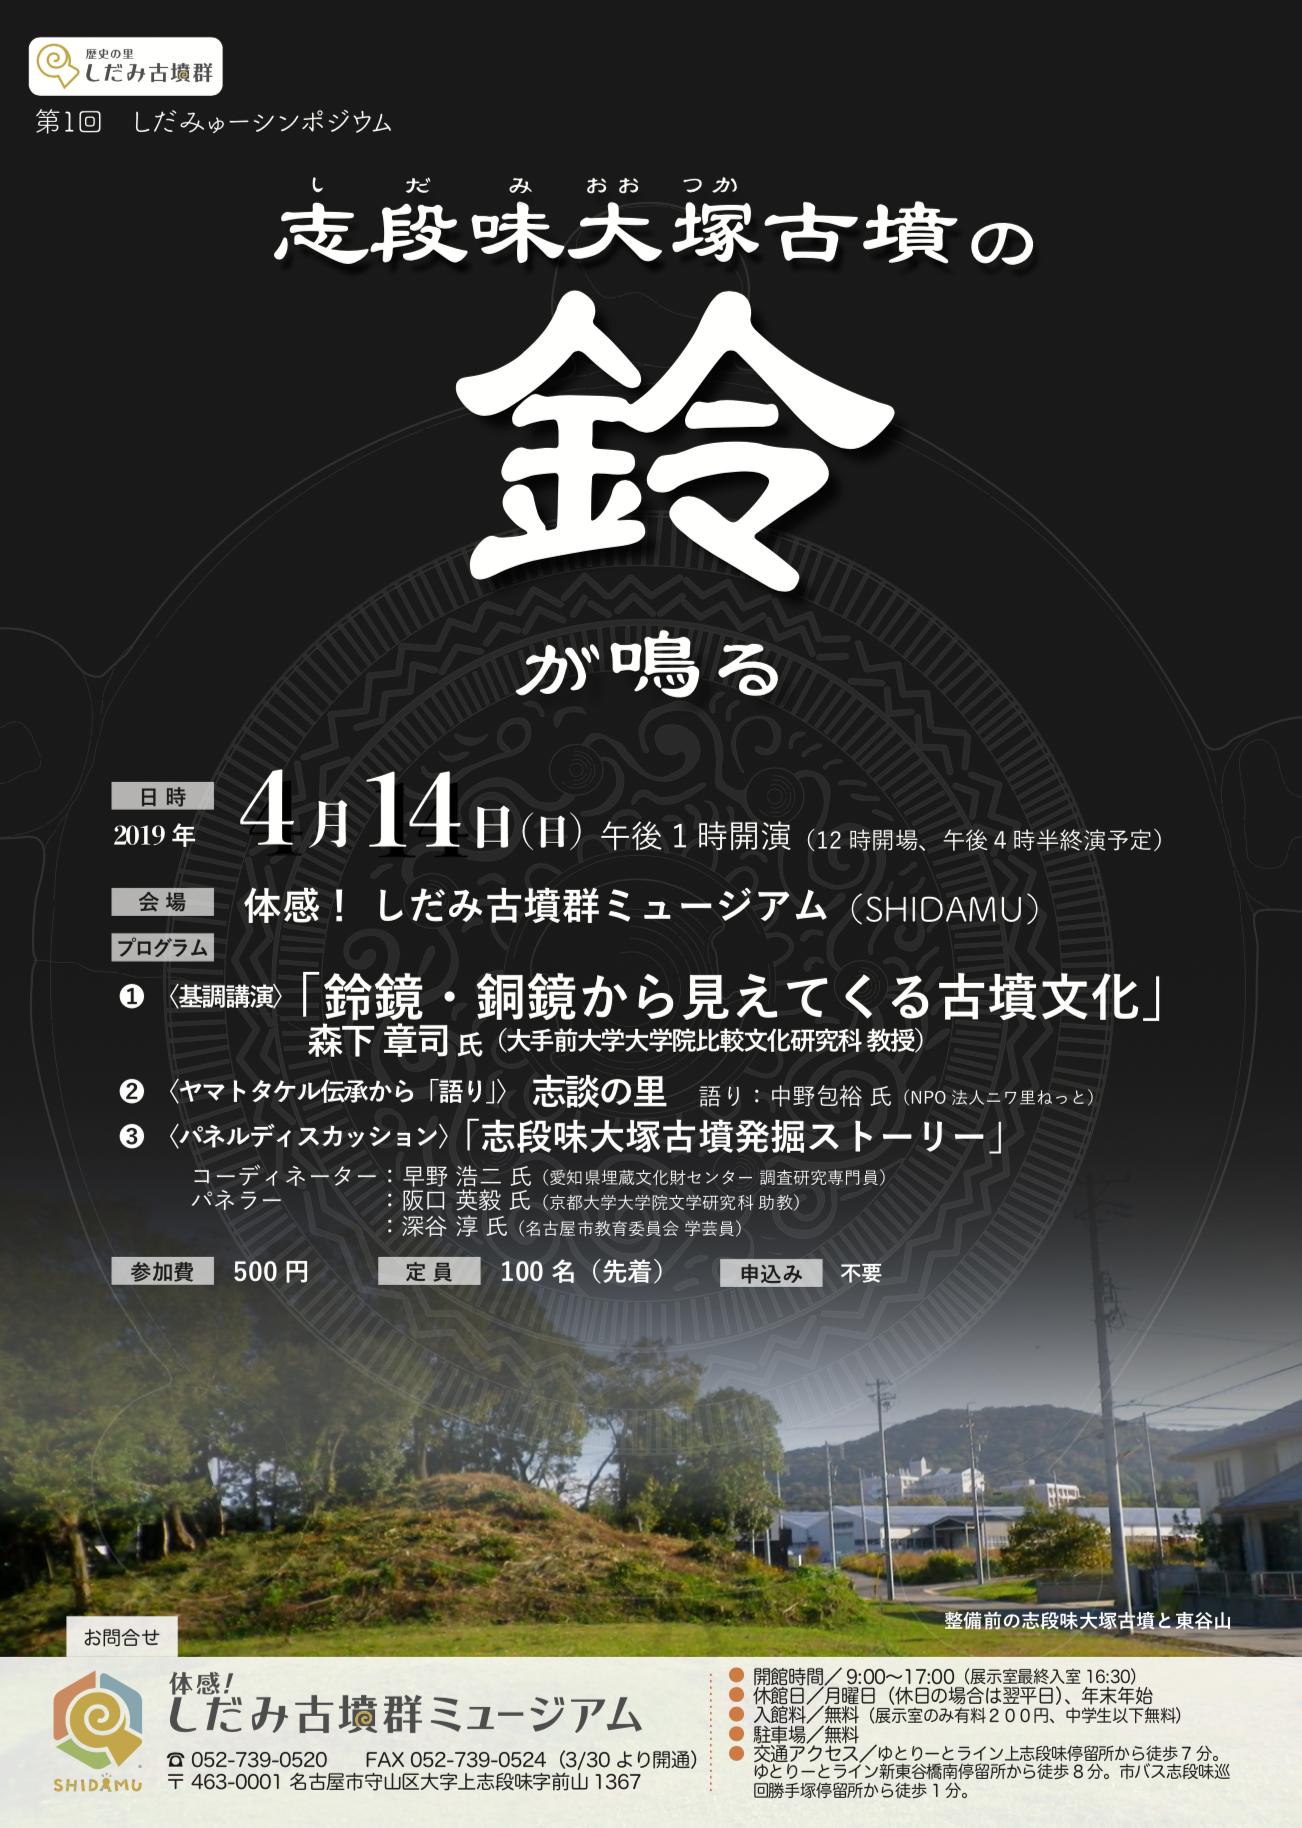 第1回 しだみゅーシンポジウム開催のお知らせイメージ1